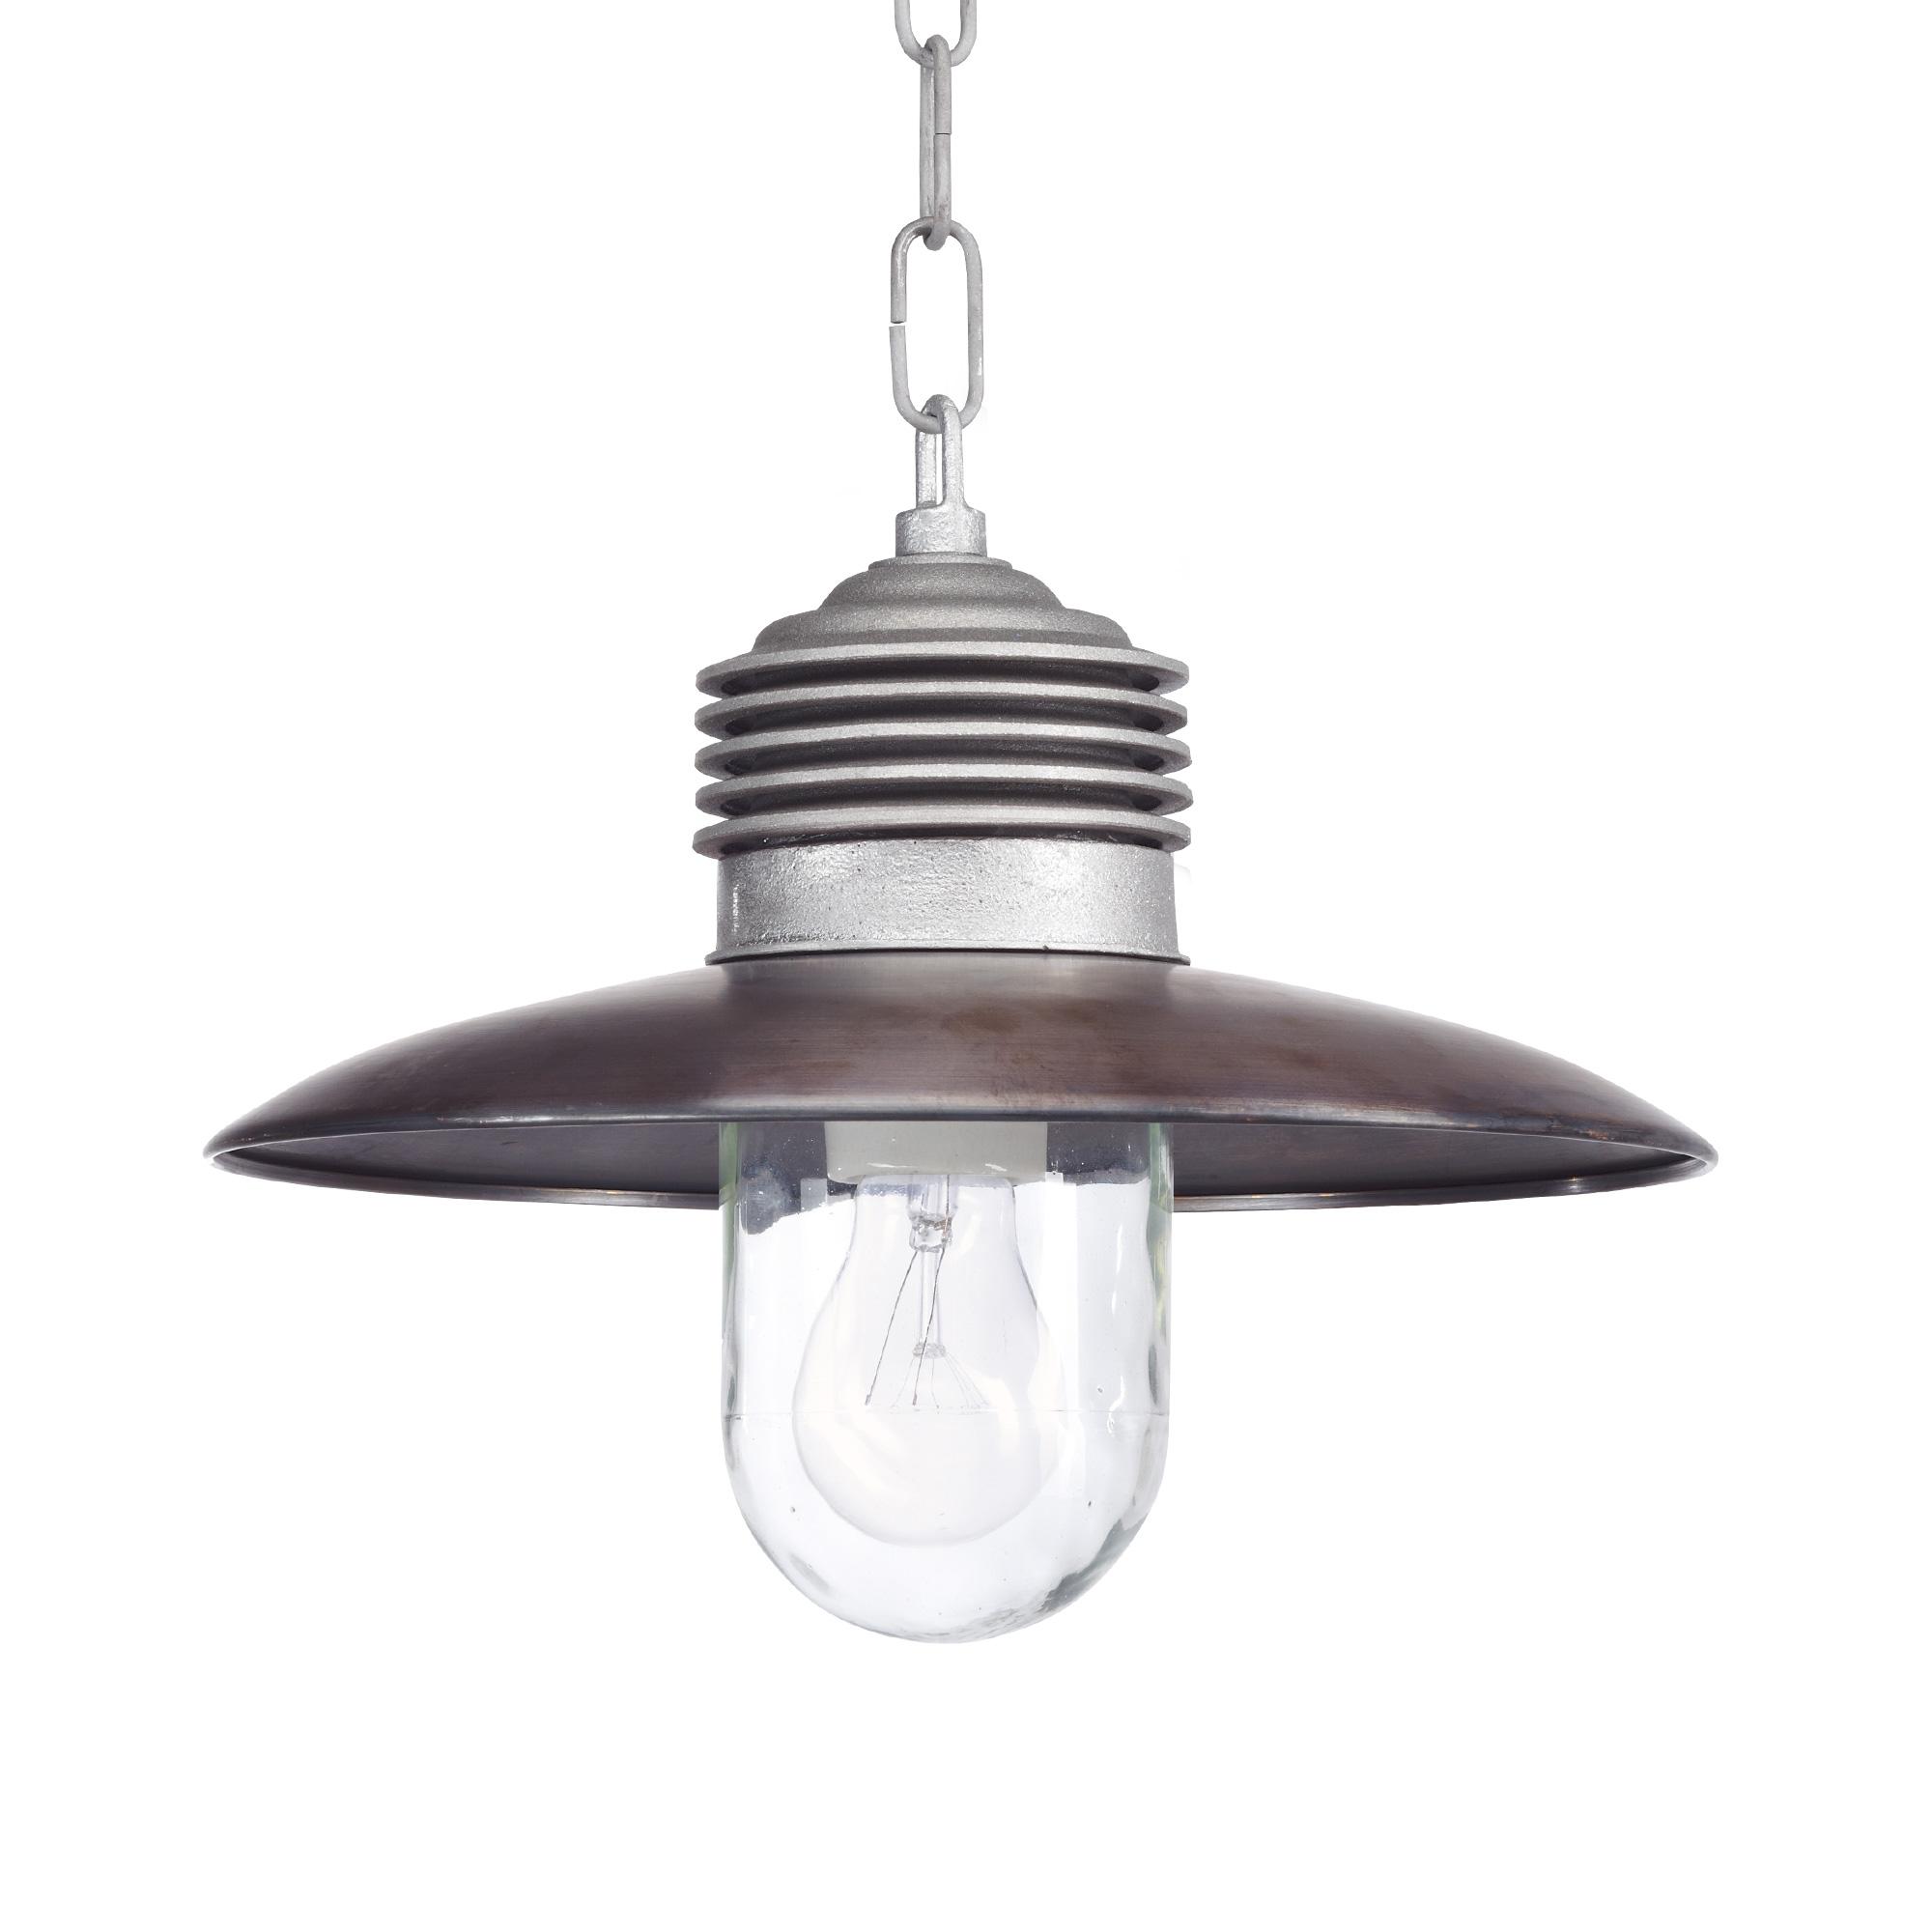 Hanglamp Ampere ketting Alu./Koper